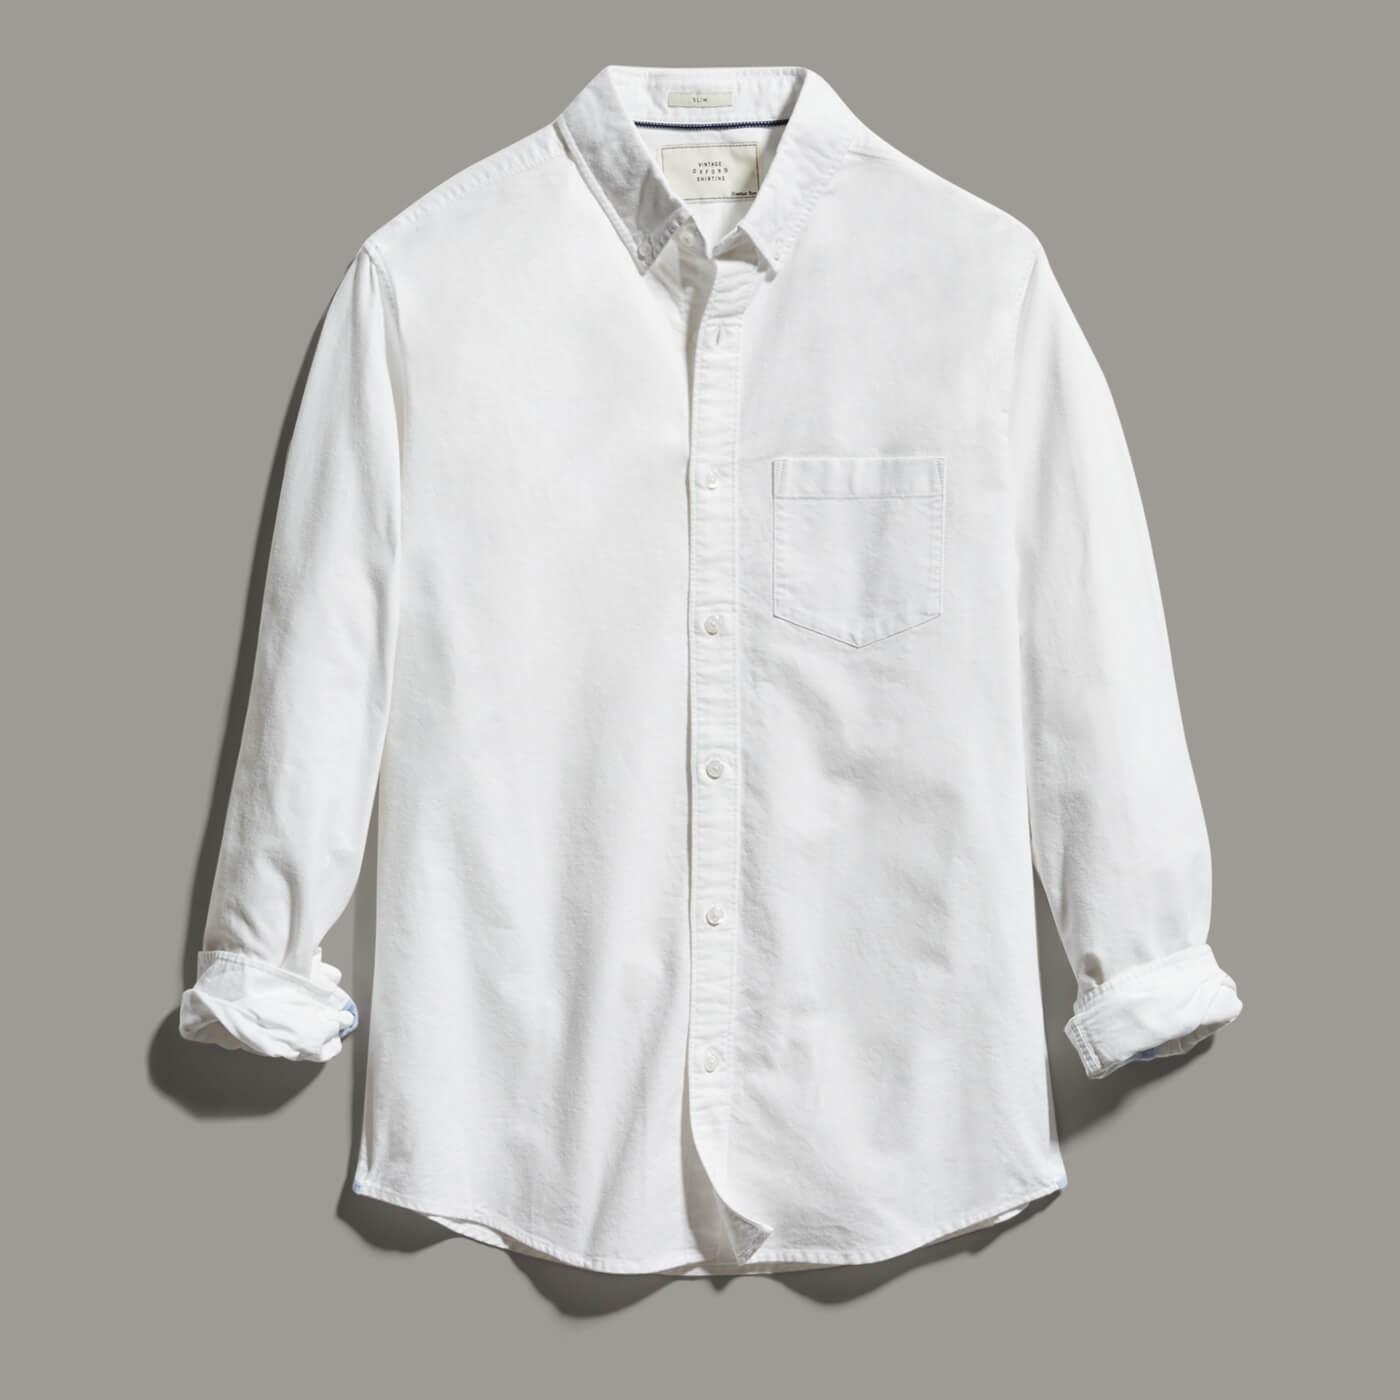 bd6cce469ec6 White Dress Shirt See Through Undershirt | Azərbaycan Dillər ...